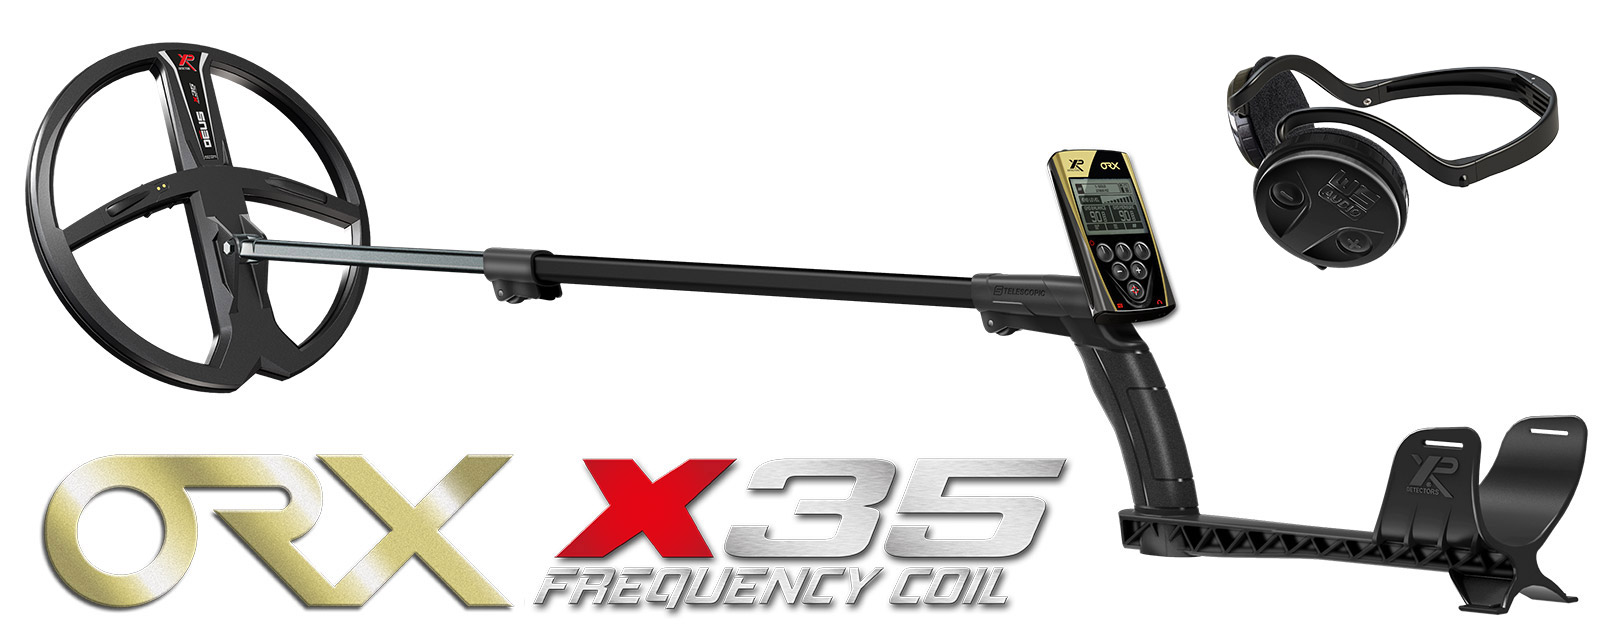 XP-ORX-28-X35-WSA - detektor kovů